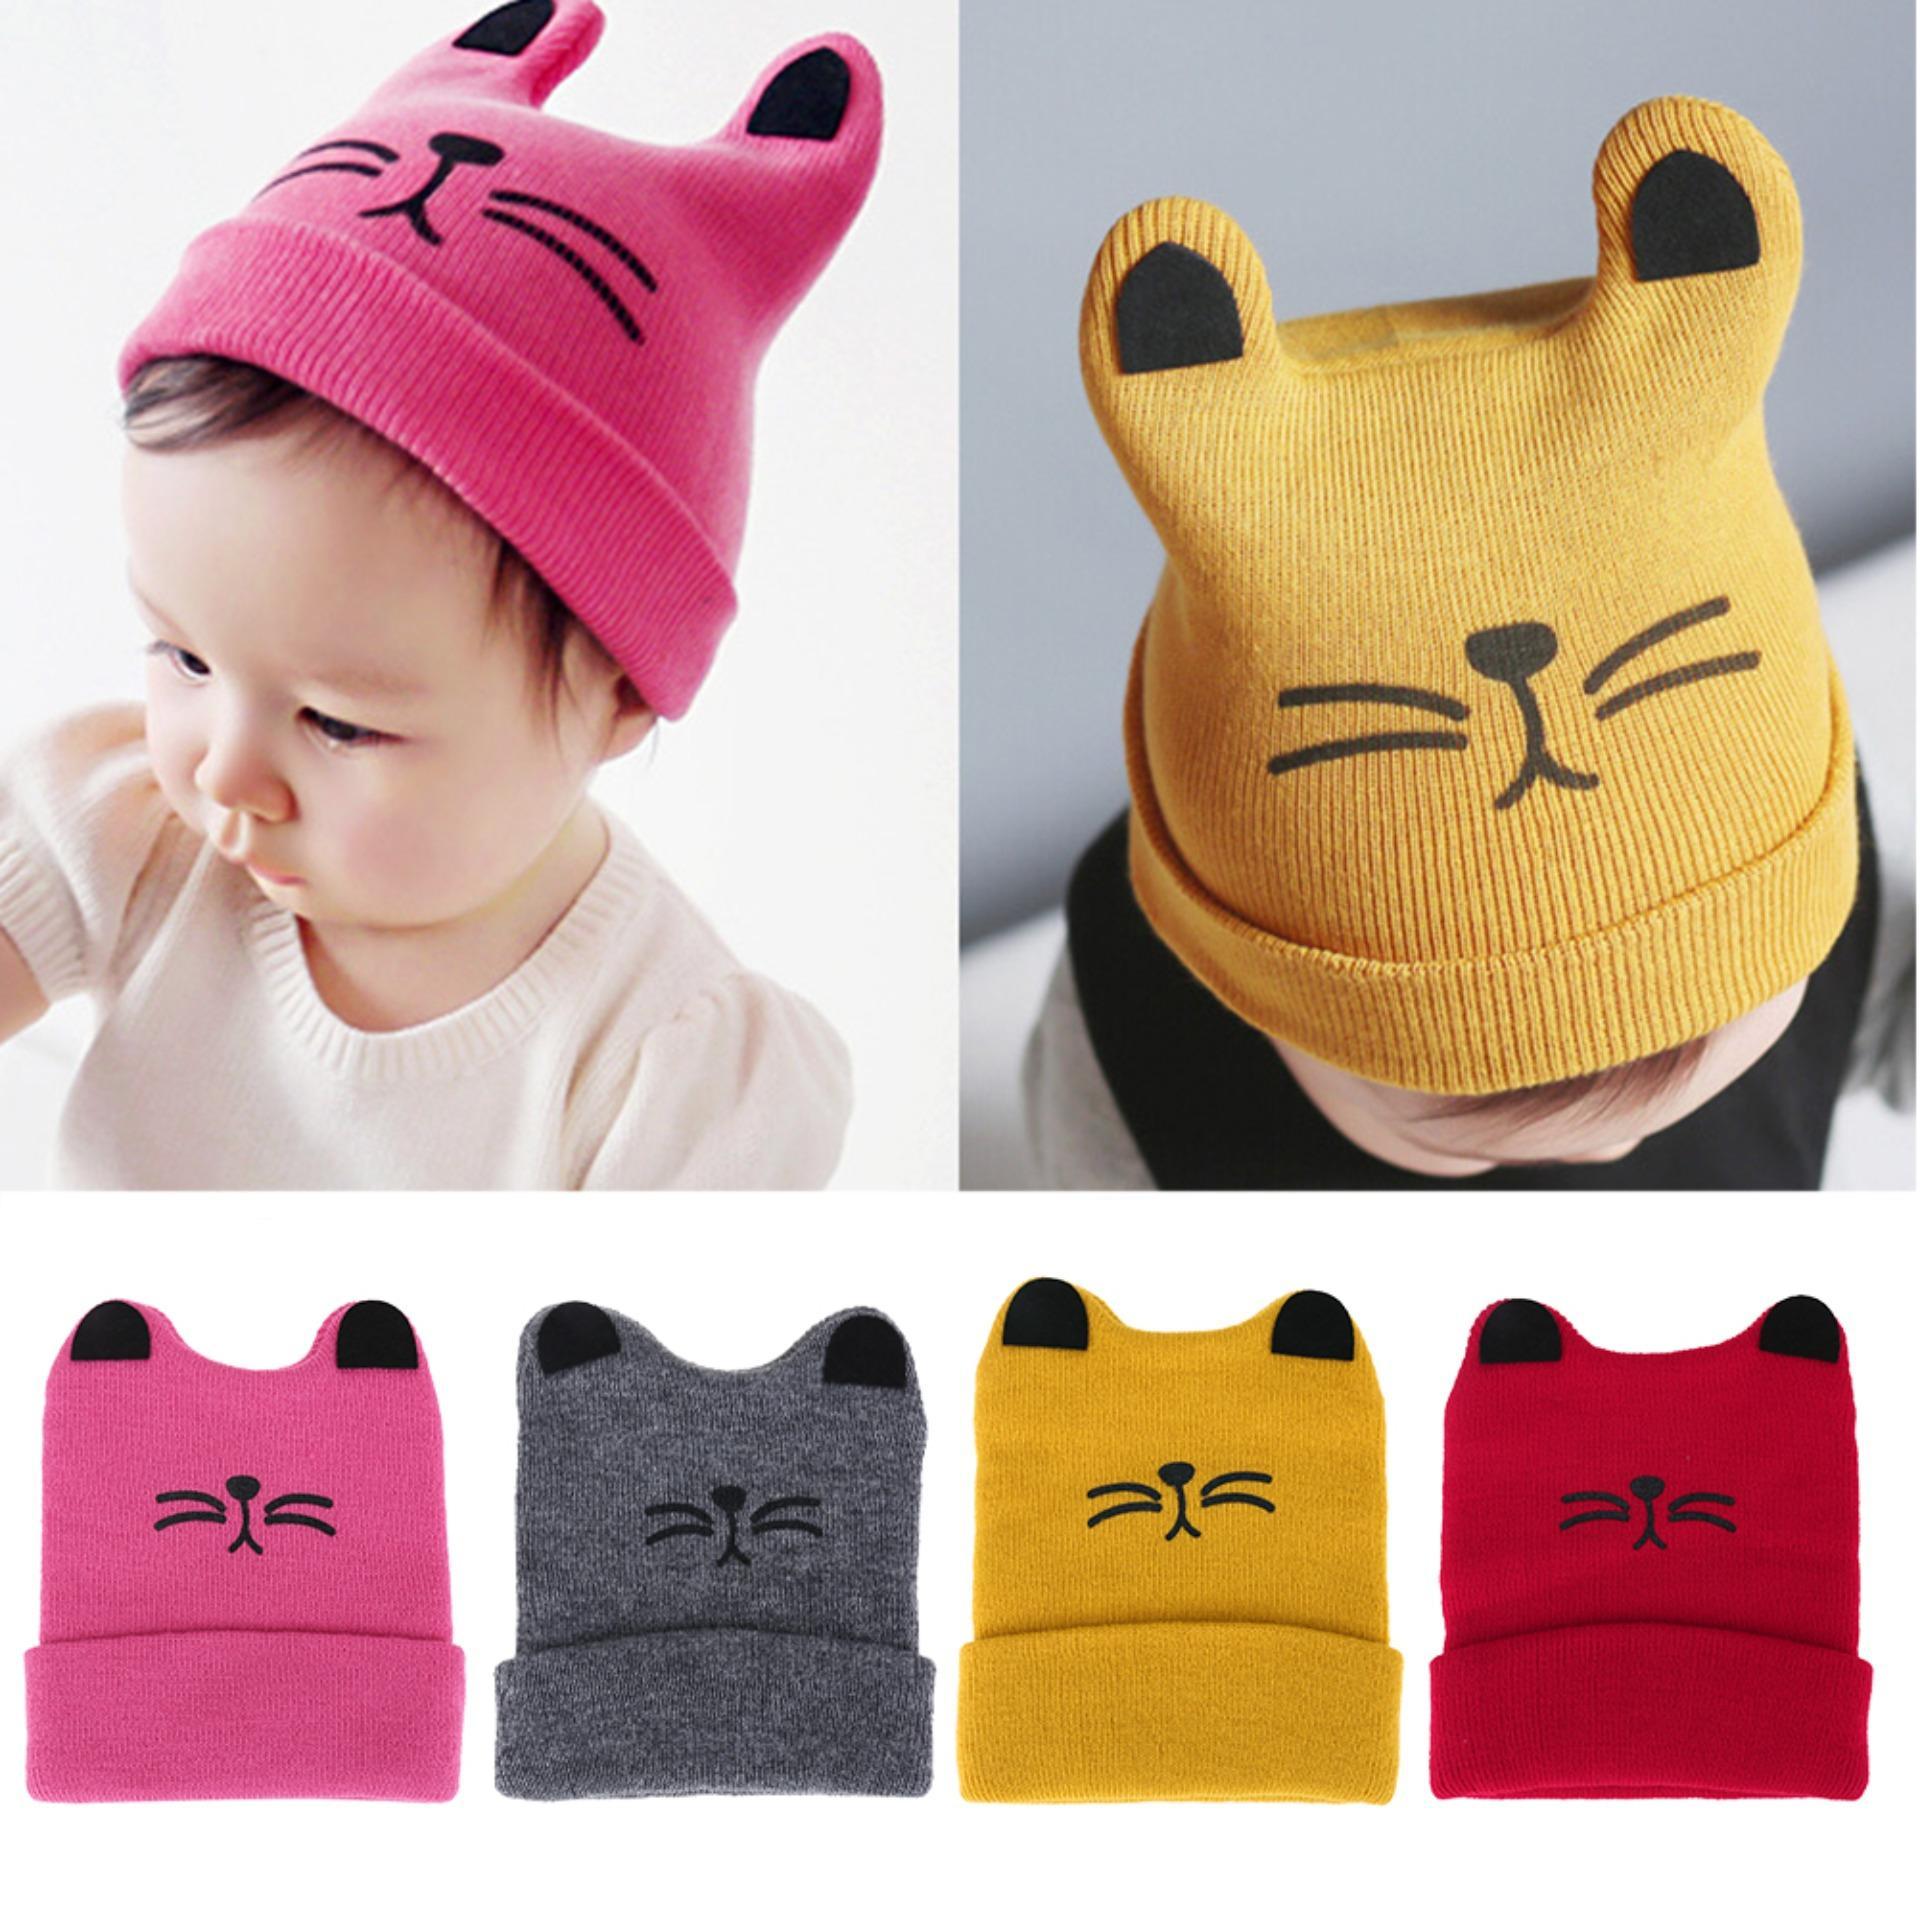 Domybestshop Bayi Topi Fashion Baru Lahir Kucing Telinga Topi Musim Gugur Musim Dingin Anak Laki-